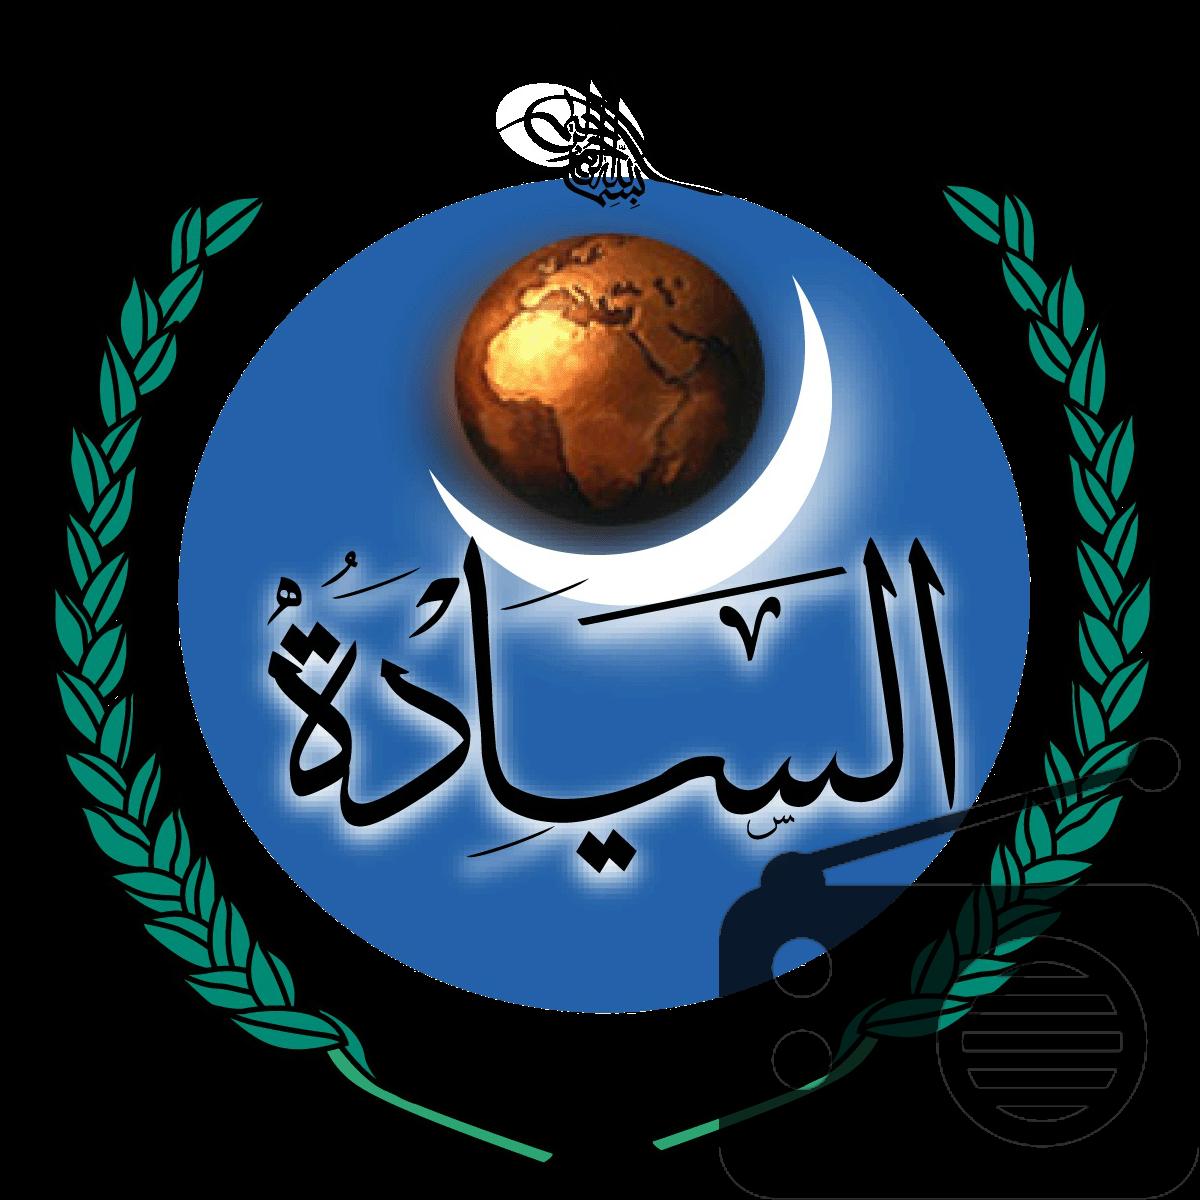 Alsiyada | Sheikh Ibrahim Saleh Al-Hussaini